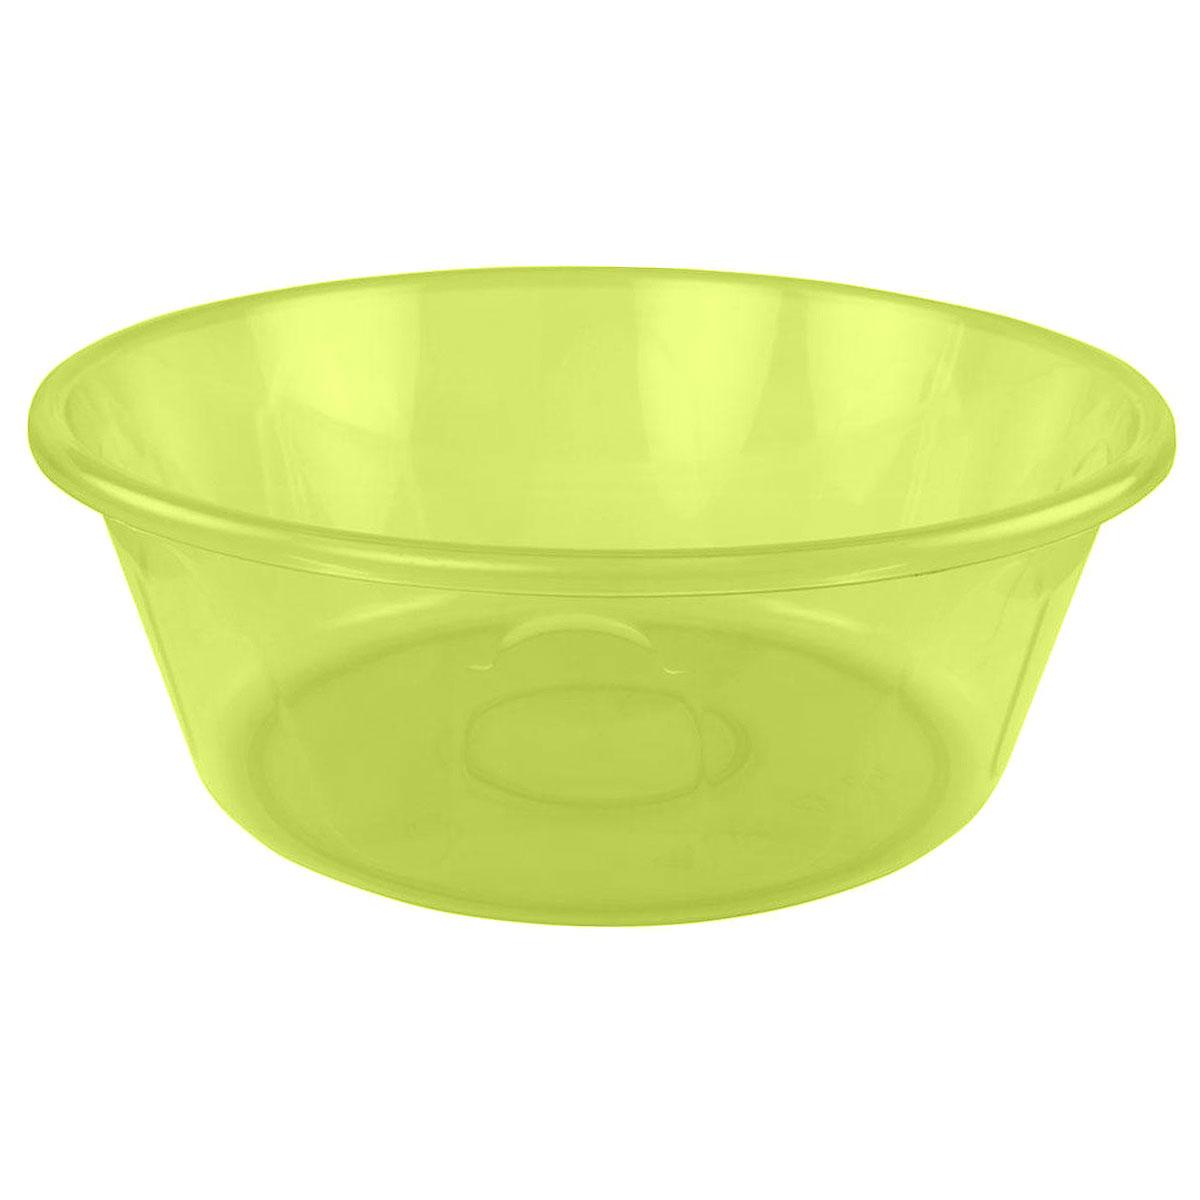 Таз Альтернатива Хозяюшка, цвет: желтый, 15 лМ1300Таз Альтернатива Хозяюшка изготовлен из высококачественного полупрозрачного пластика. Он выполнен в классическом круглом варианте. По бокам имеются удобные углубления, которые обеспечивают удобный захват. Таз предназначен для стирки и хранения разных вещей. Он пригодится в любом хозяйстве. Диаметр (по верхнему краю): 43 см. Высота: 16 см.